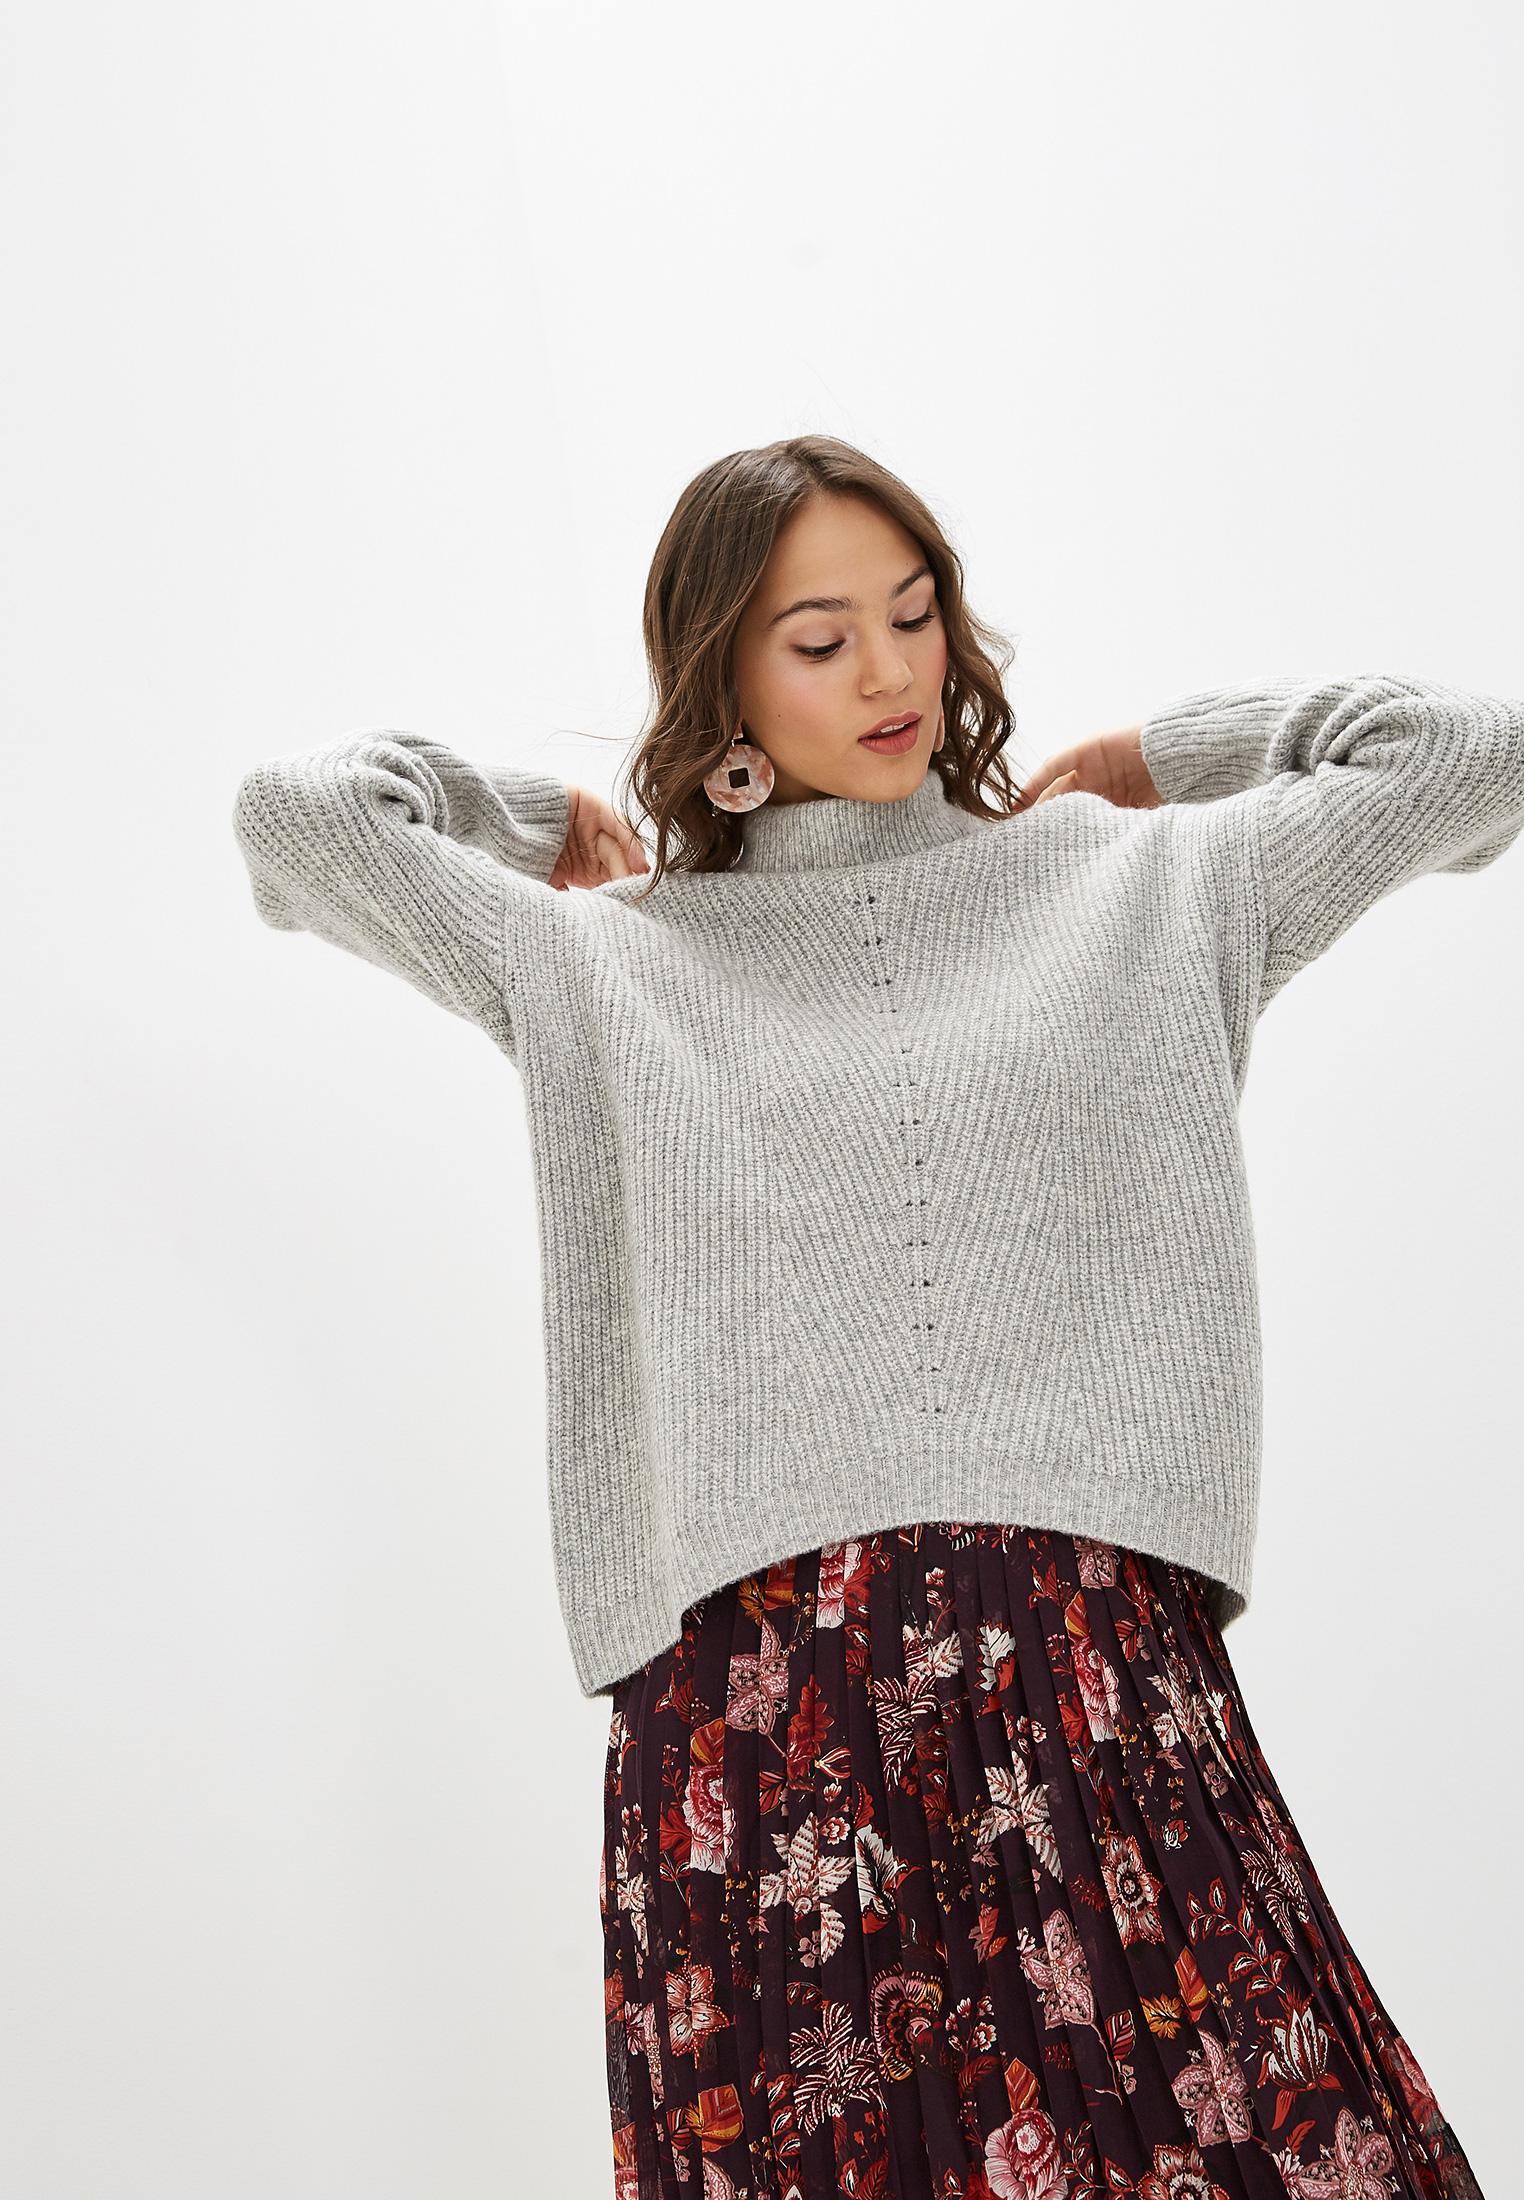 Свитер, Zarina, цвет: серый. Артикул: MP002XW120R0. Одежда / Джемперы, свитеры и кардиганы